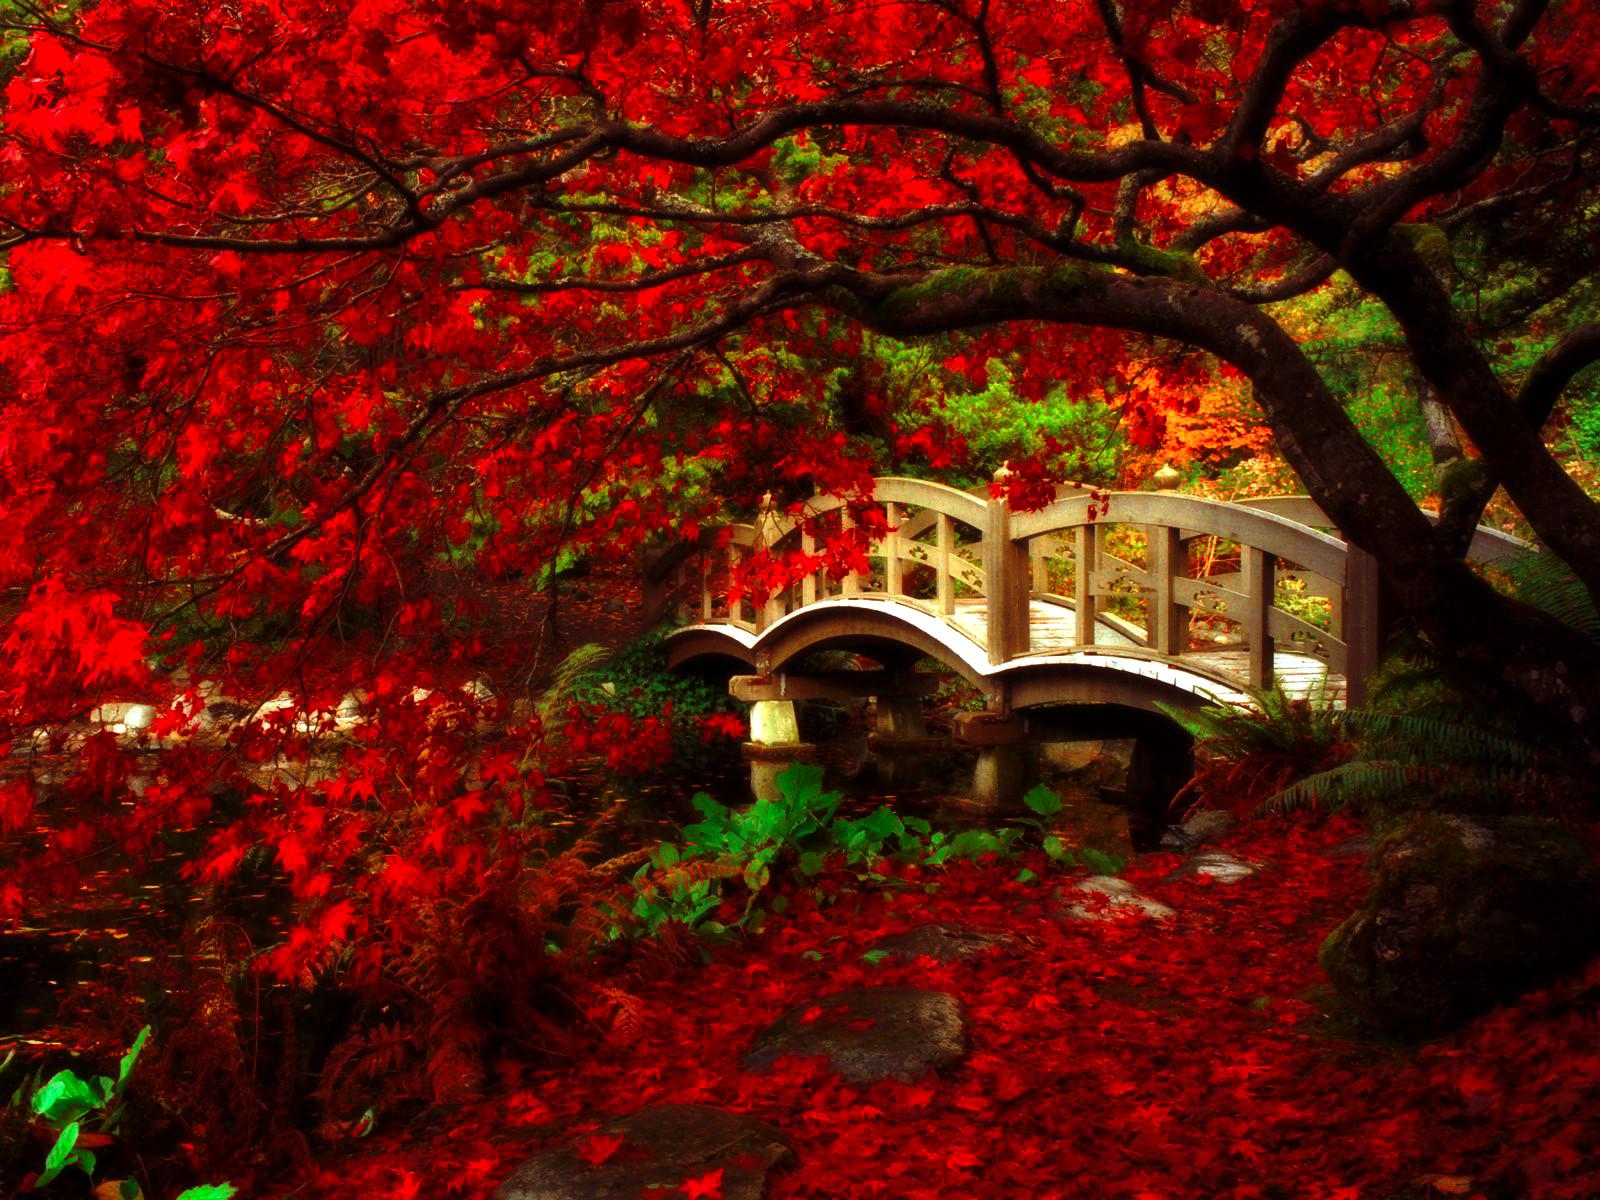 Japanese garden royal roads university british c by for Flowers for japanese garden